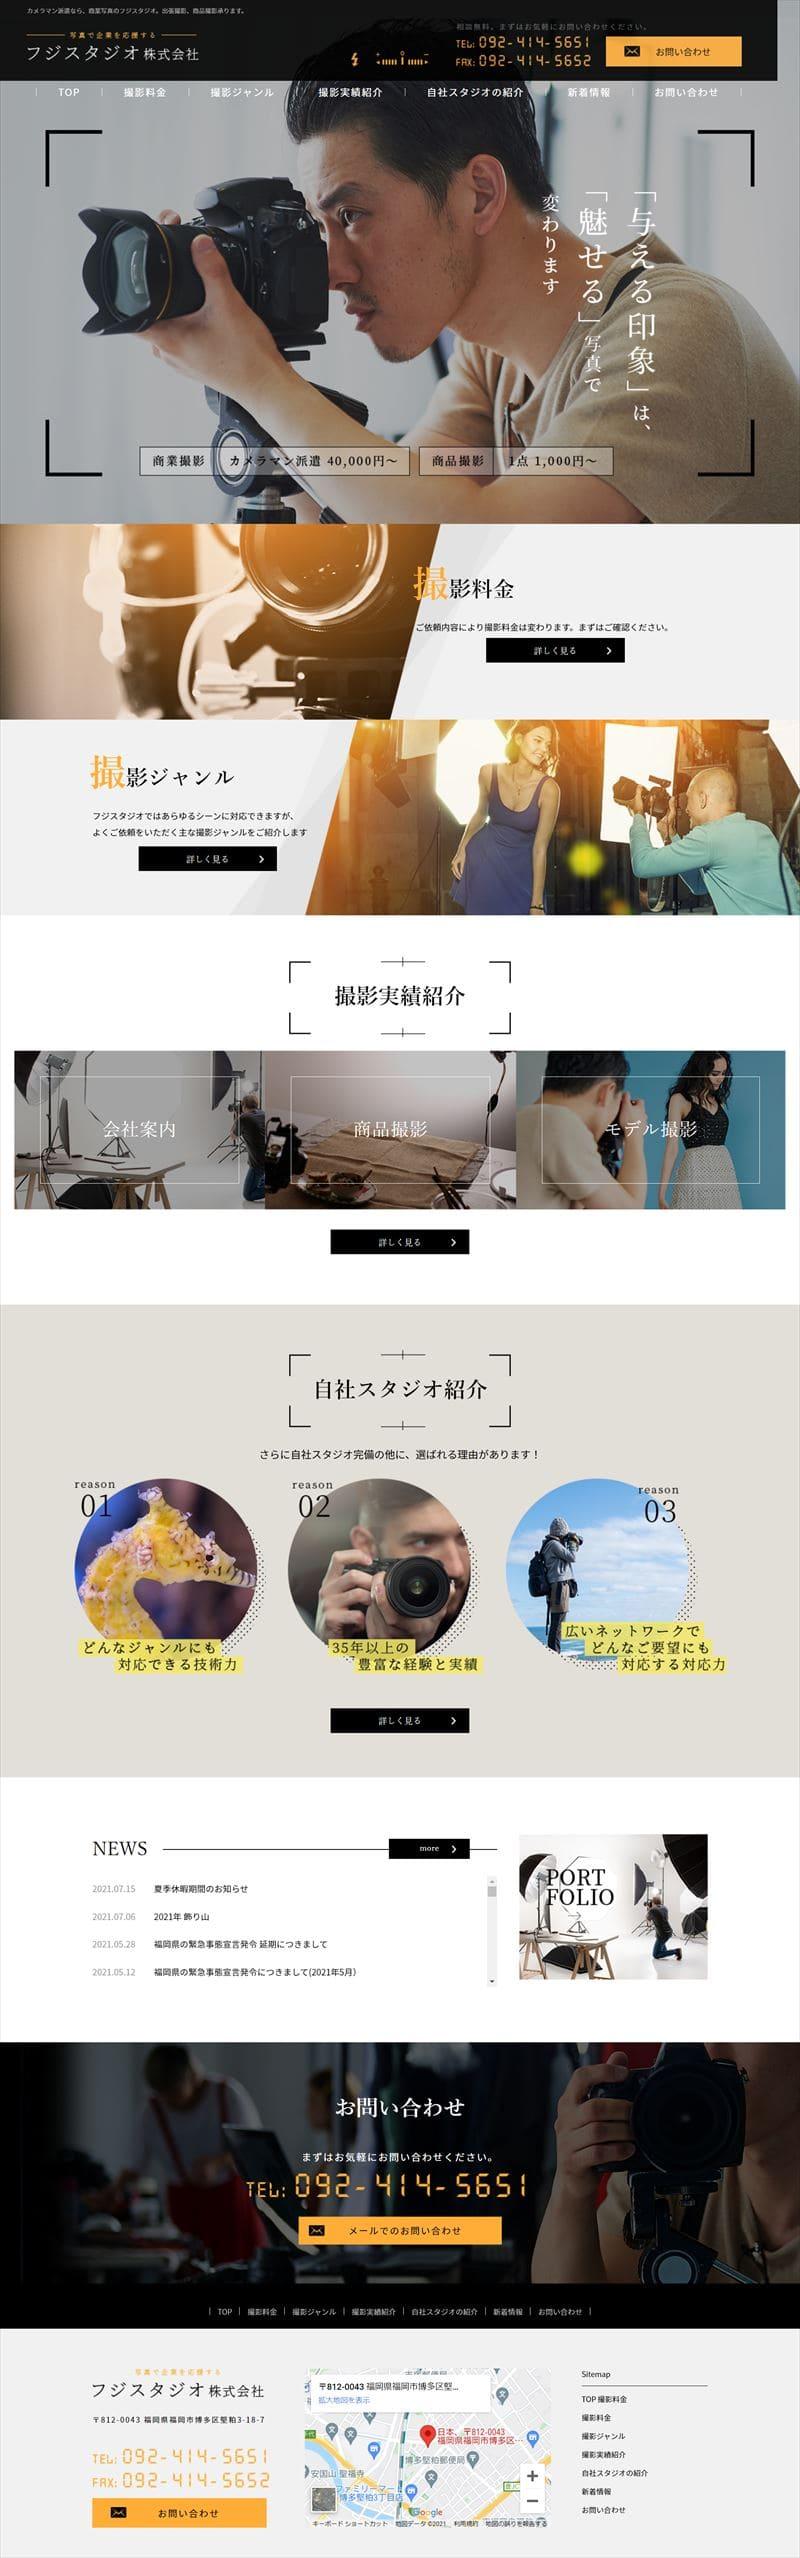 フジスタジオ株式会社